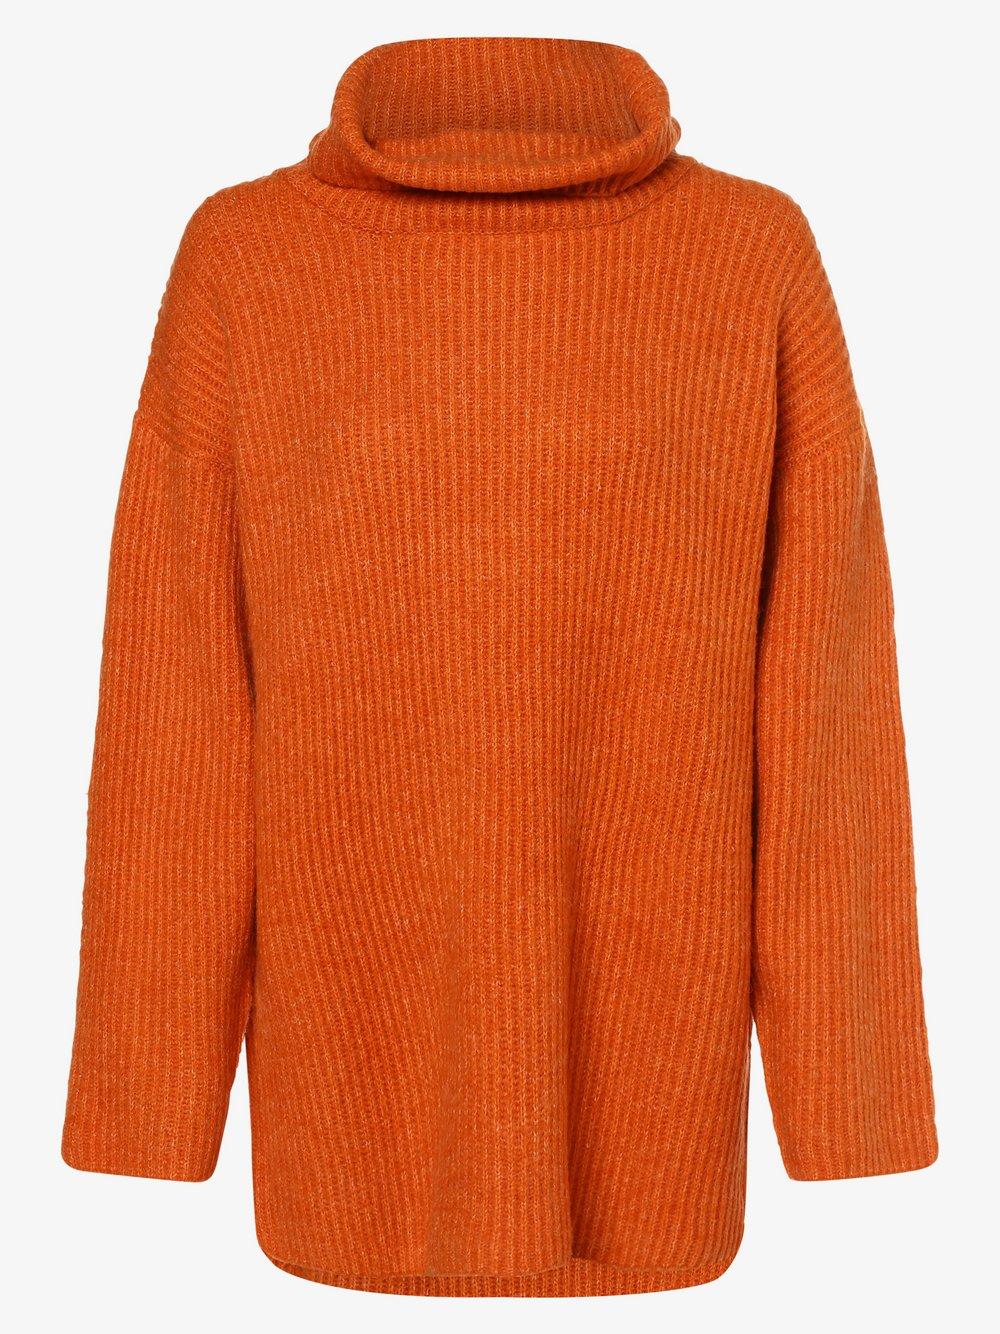 NA-KD – Sweter damski, pomarańczowy Van Graaf 487756-0001-09900